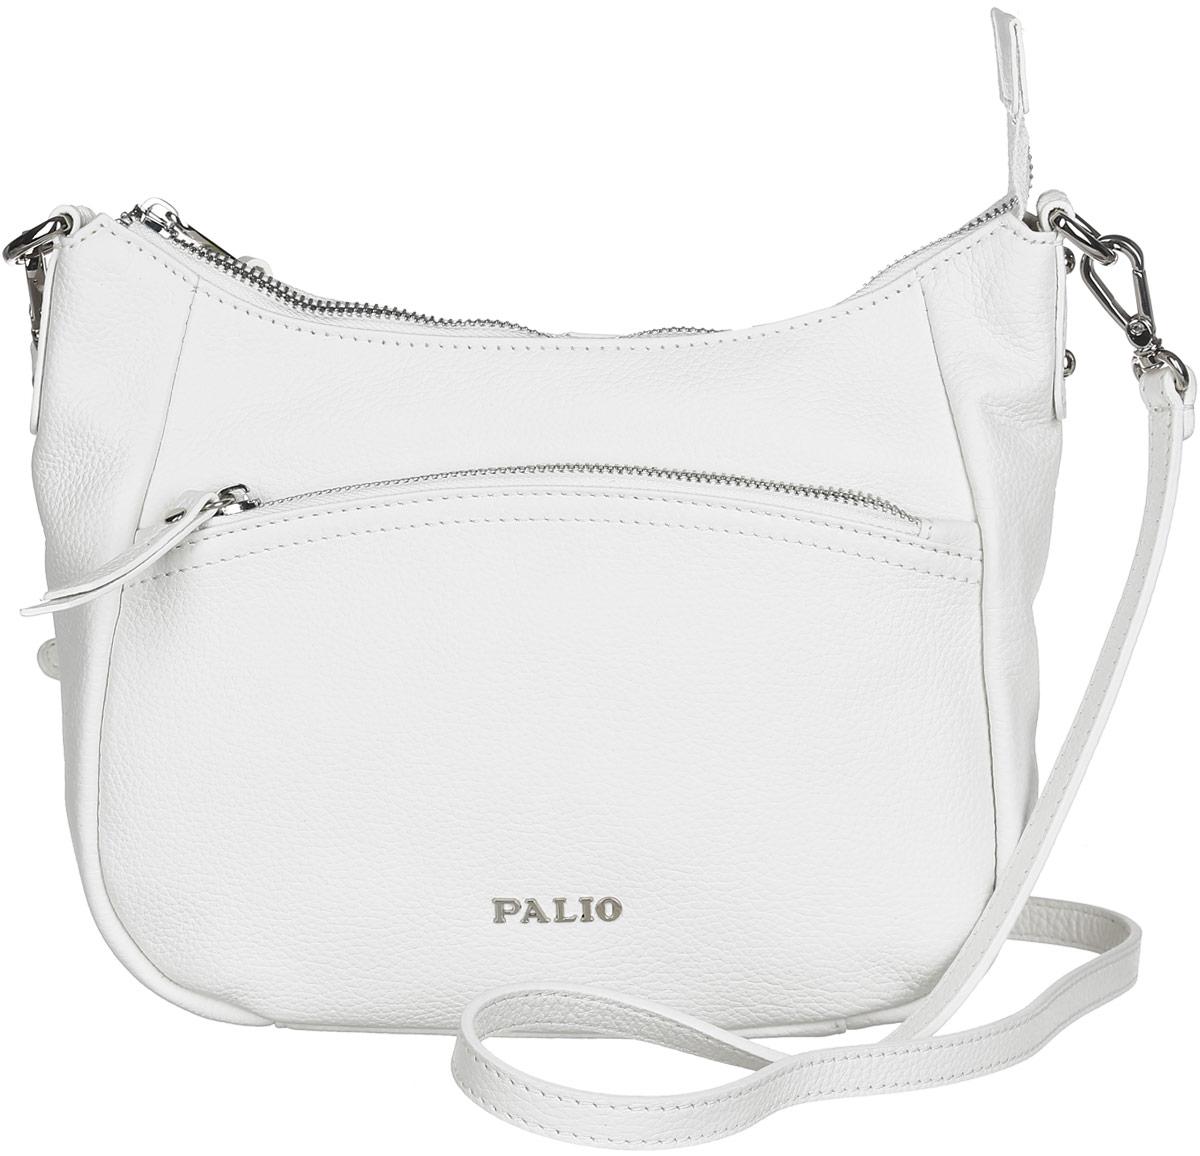 Сумка женская Palio, цвет: белый. 13738A-0653-47670-00504Стильная сумка Palio, выполненная из натуральной кожи с зернистой фактурой, оформлена символикой бренда и металлической фурнитурой.Изделие застегивается на застежку-молнию, внутри расположены два накладных кармашка для мелочей и врезной карман на молнии. Снаружи, на задней стороне изделия, расположен врезной карман на молнии. Лицевая сторона также дополнена врезным карманом на молнии. Изделие оснащено практичным плечевым ремнем регулируемой длины. К сумке прилагается фирменный чехол для хранения.Элегантная сумка прекрасно дополнит ваш образ.